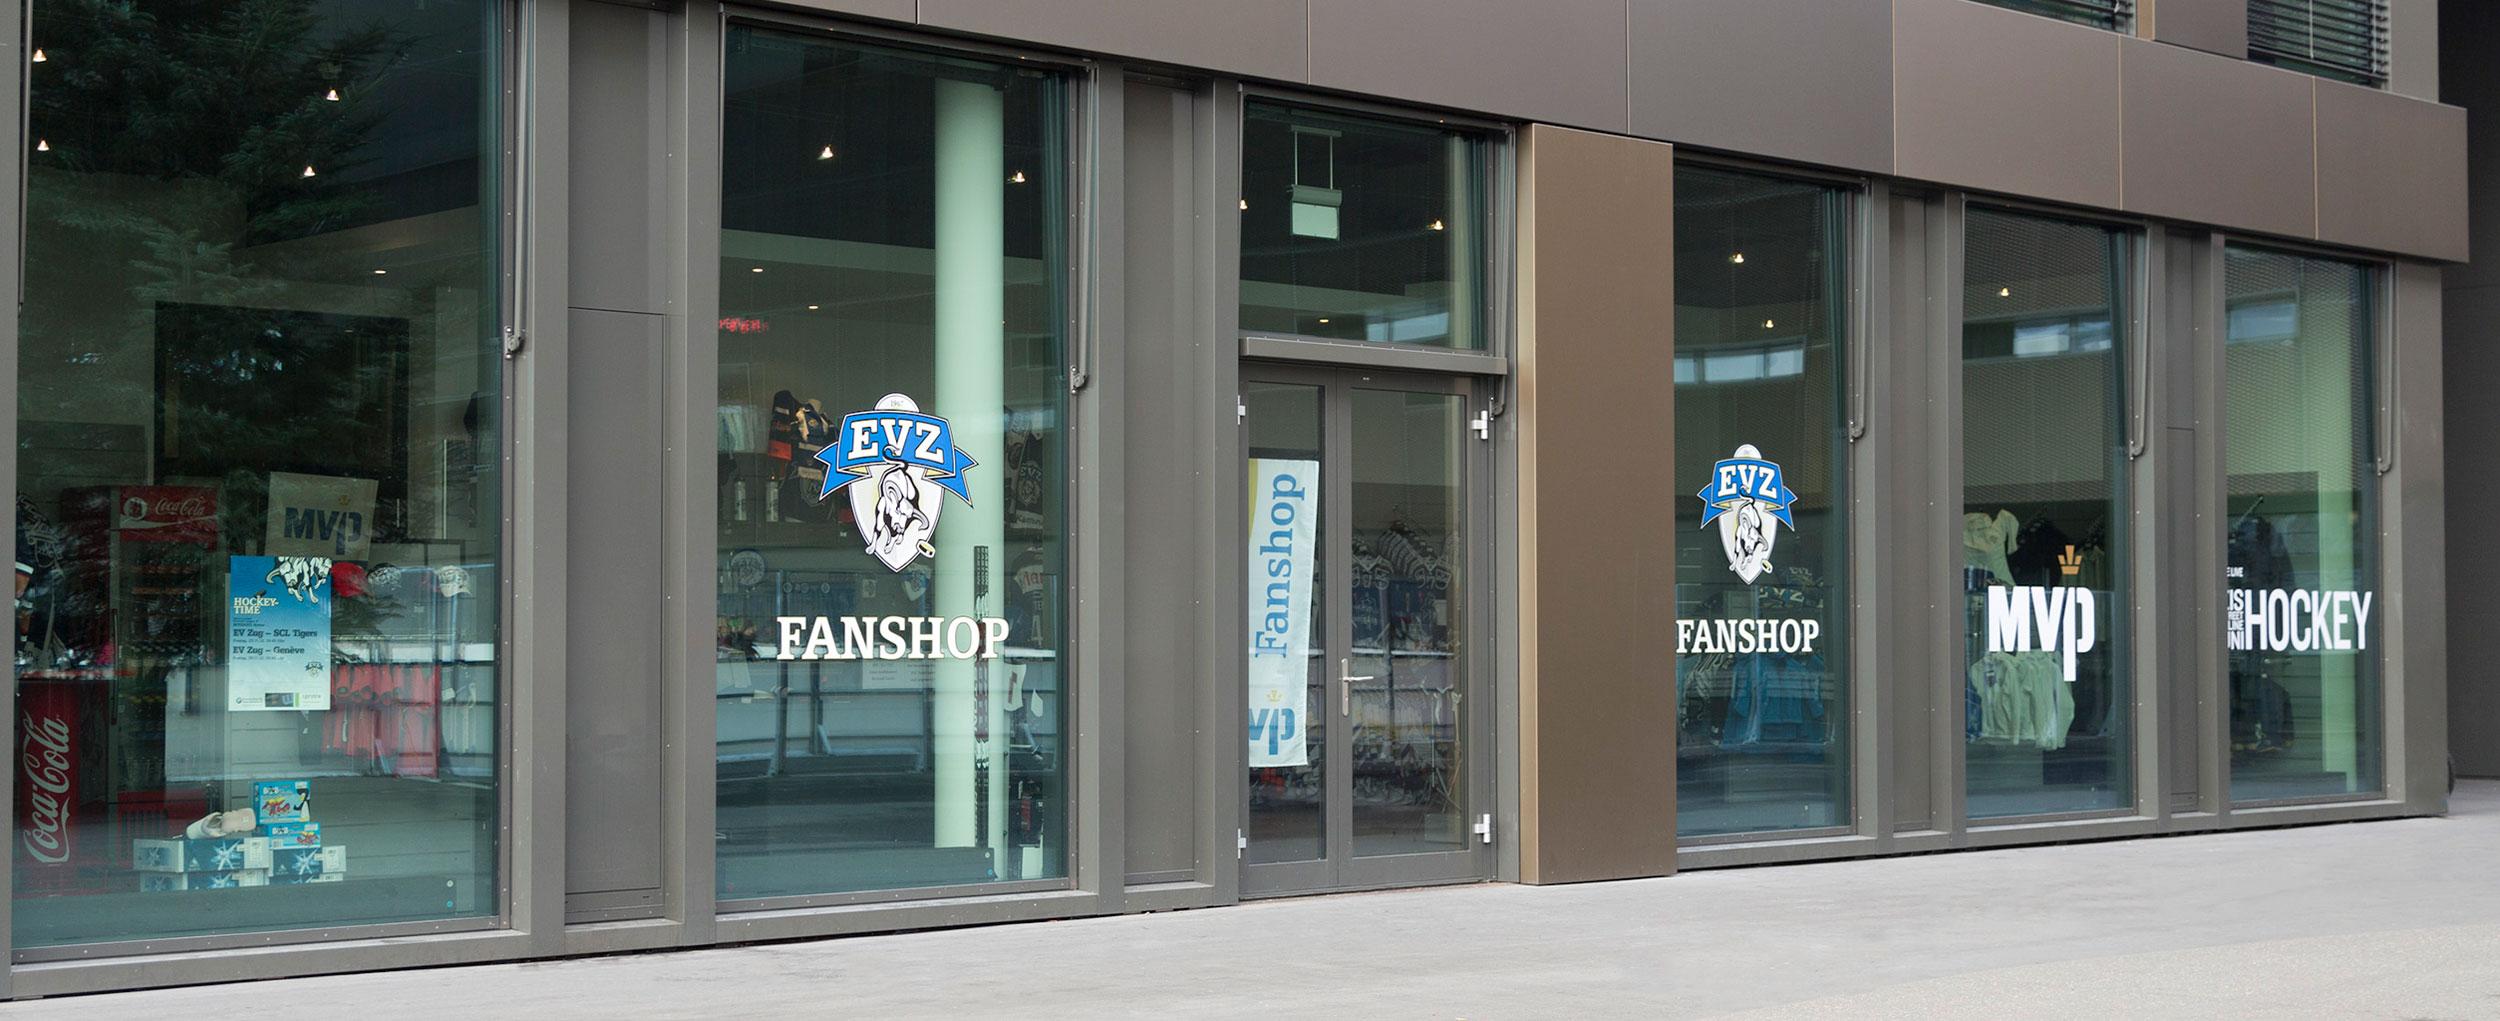 EVZ FANSHOPBossard Arena - General-Guisan-Strasse 86300 Zug+41 41 544 41 44Heimspiel:Ab 18:00 Uhr bis 1/2 Std. nach Spielende